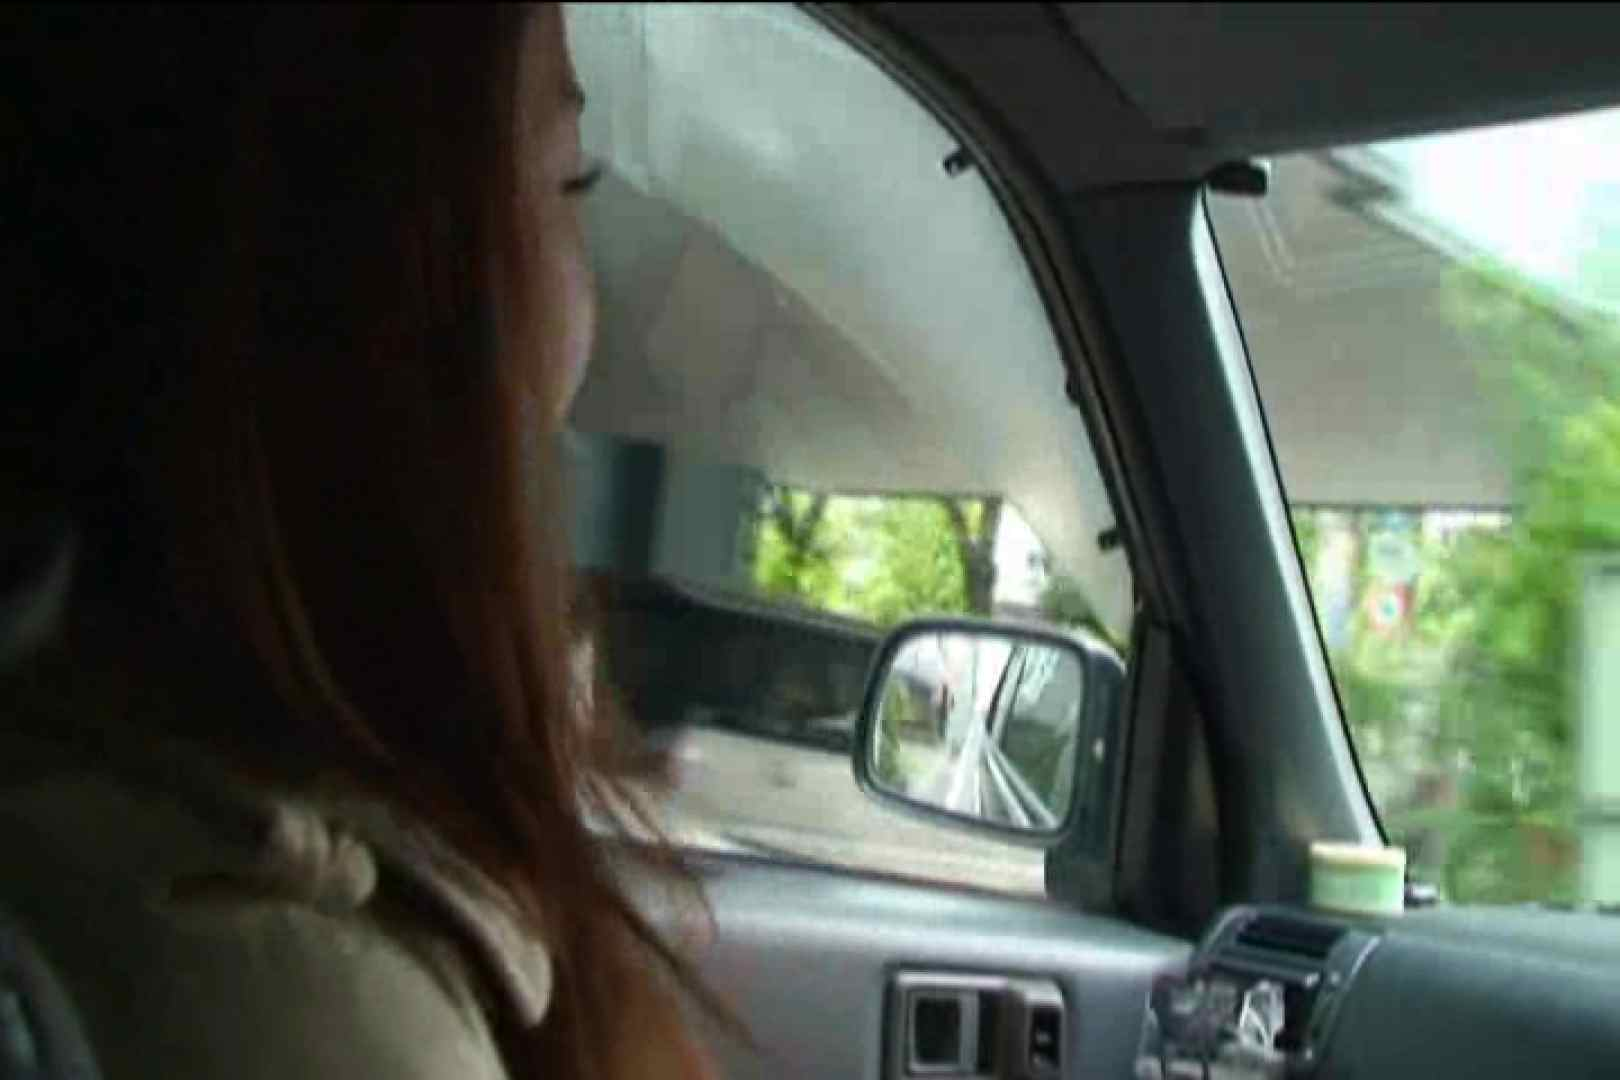 車内で初めまして! vol02 オマンコ特別編 おめこ無修正動画無料 95枚 3